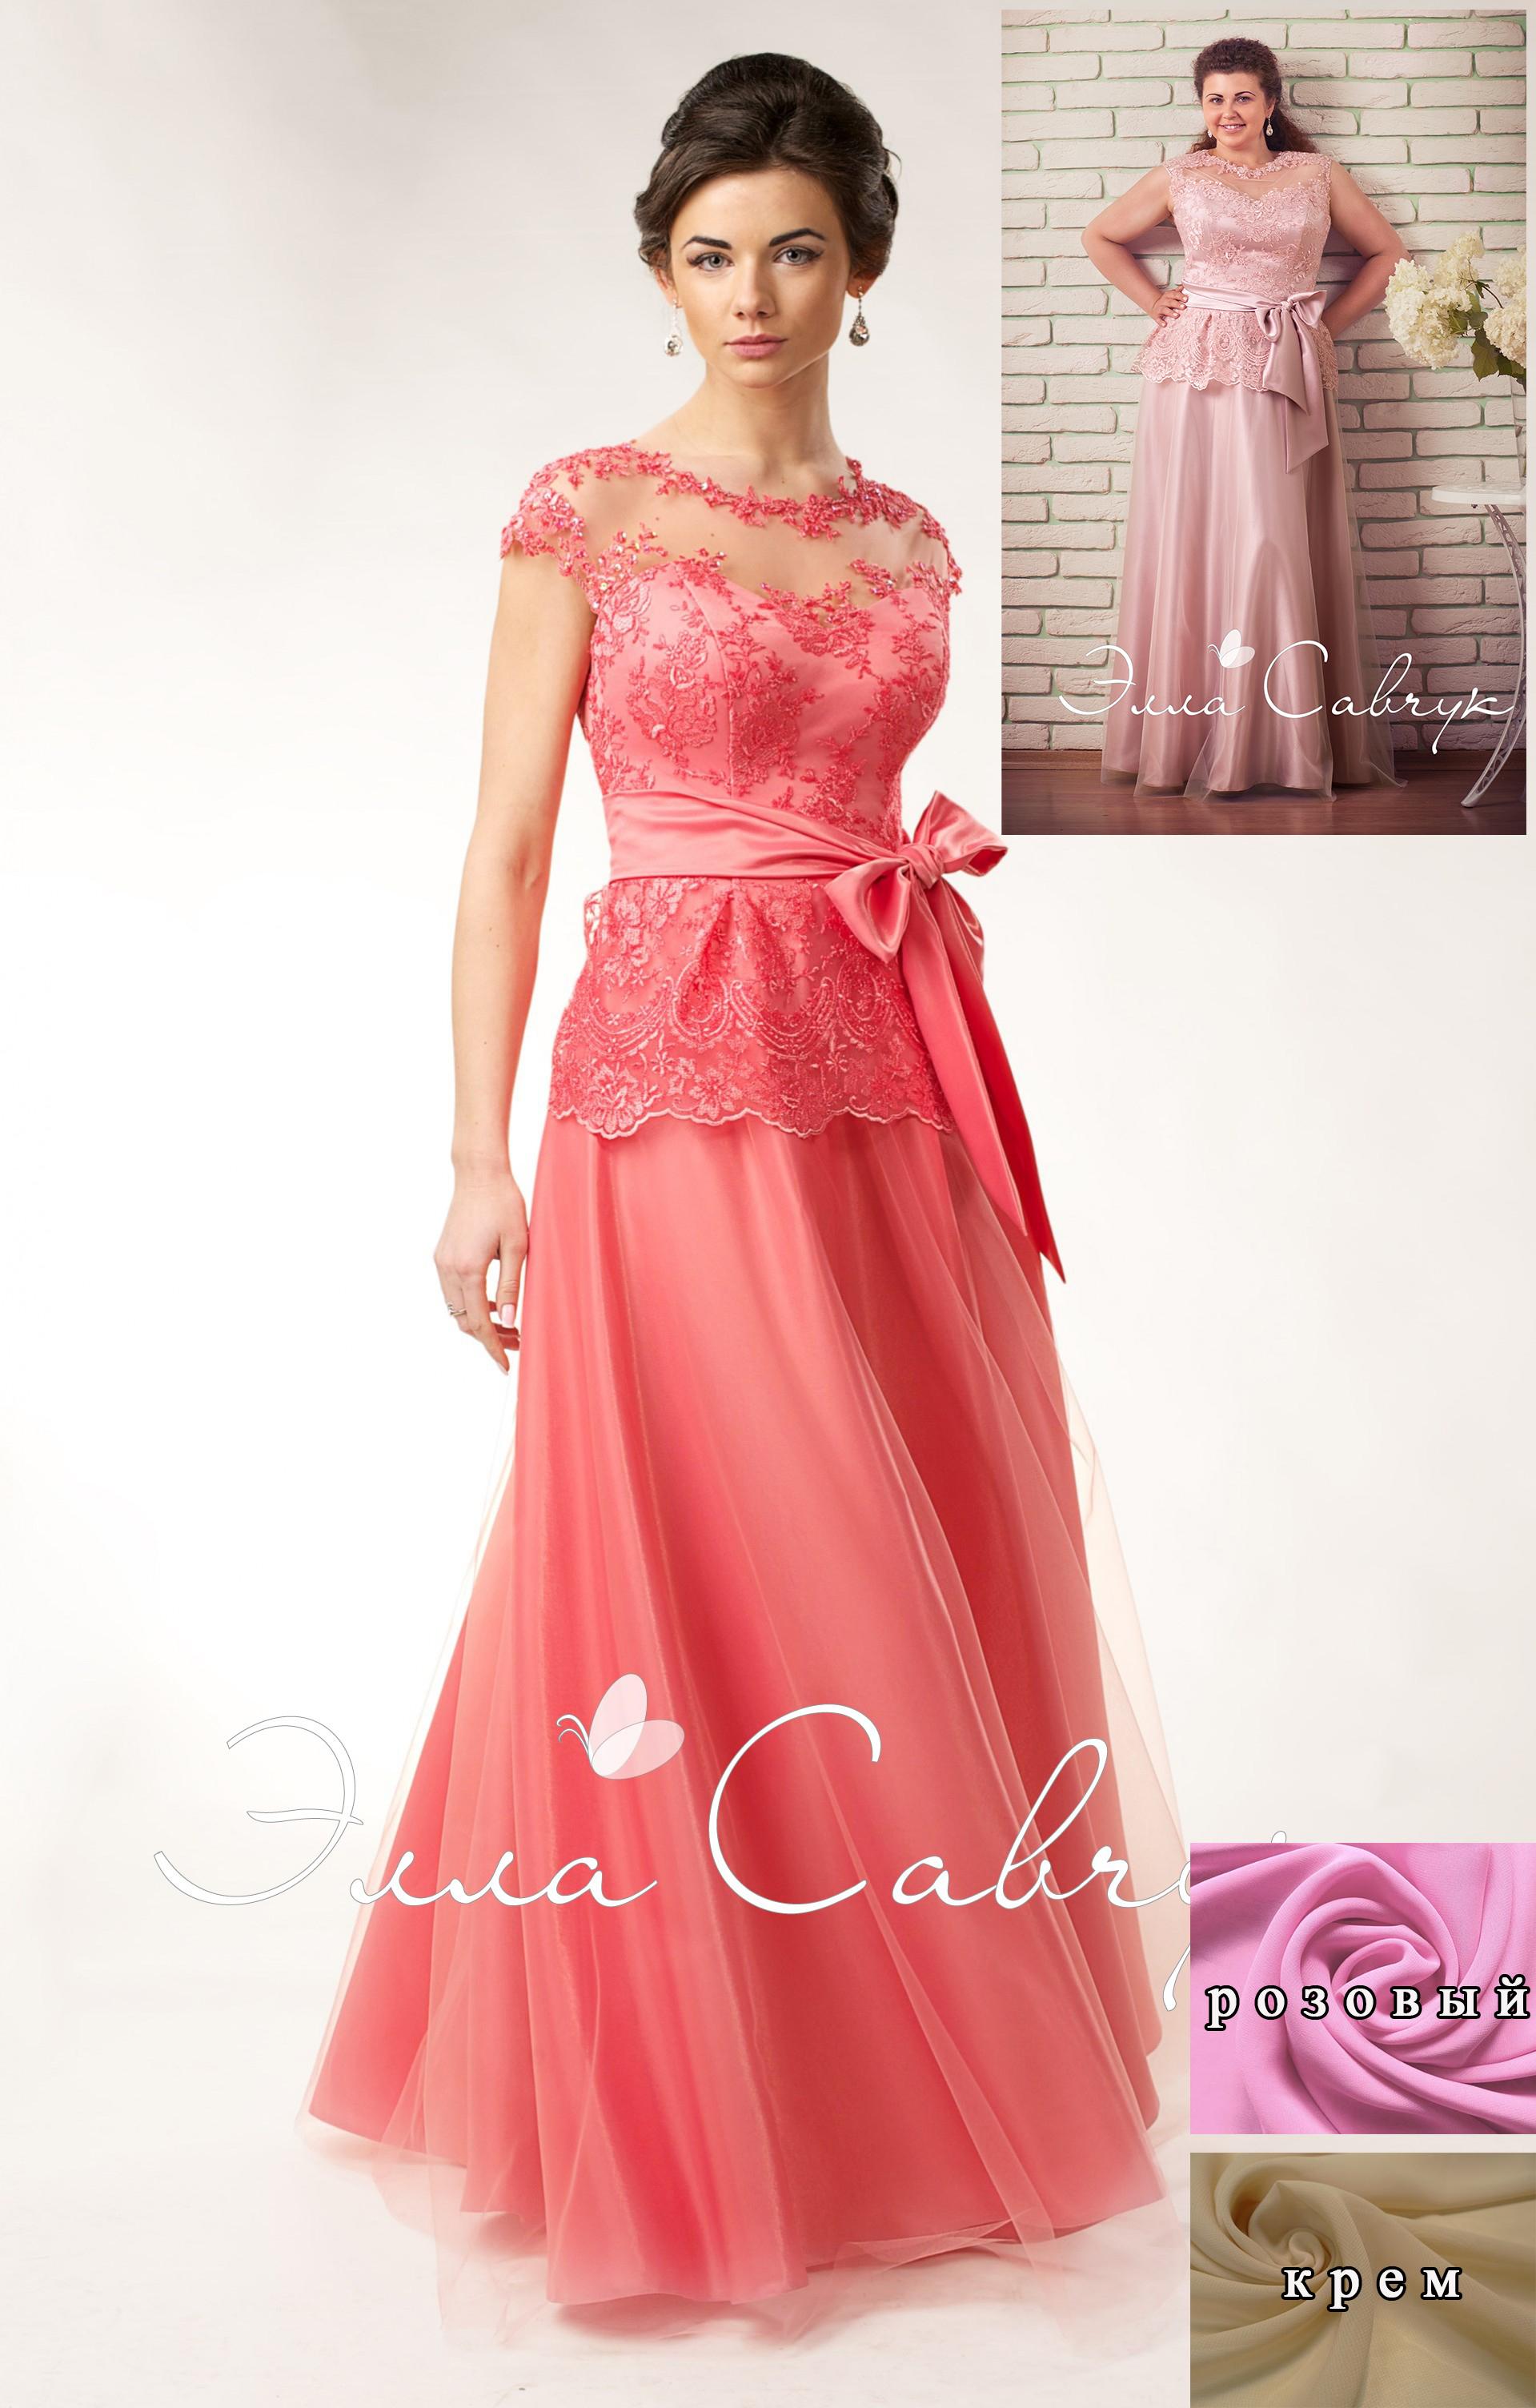 Вечерние платья   Свадебные, вечерние платья